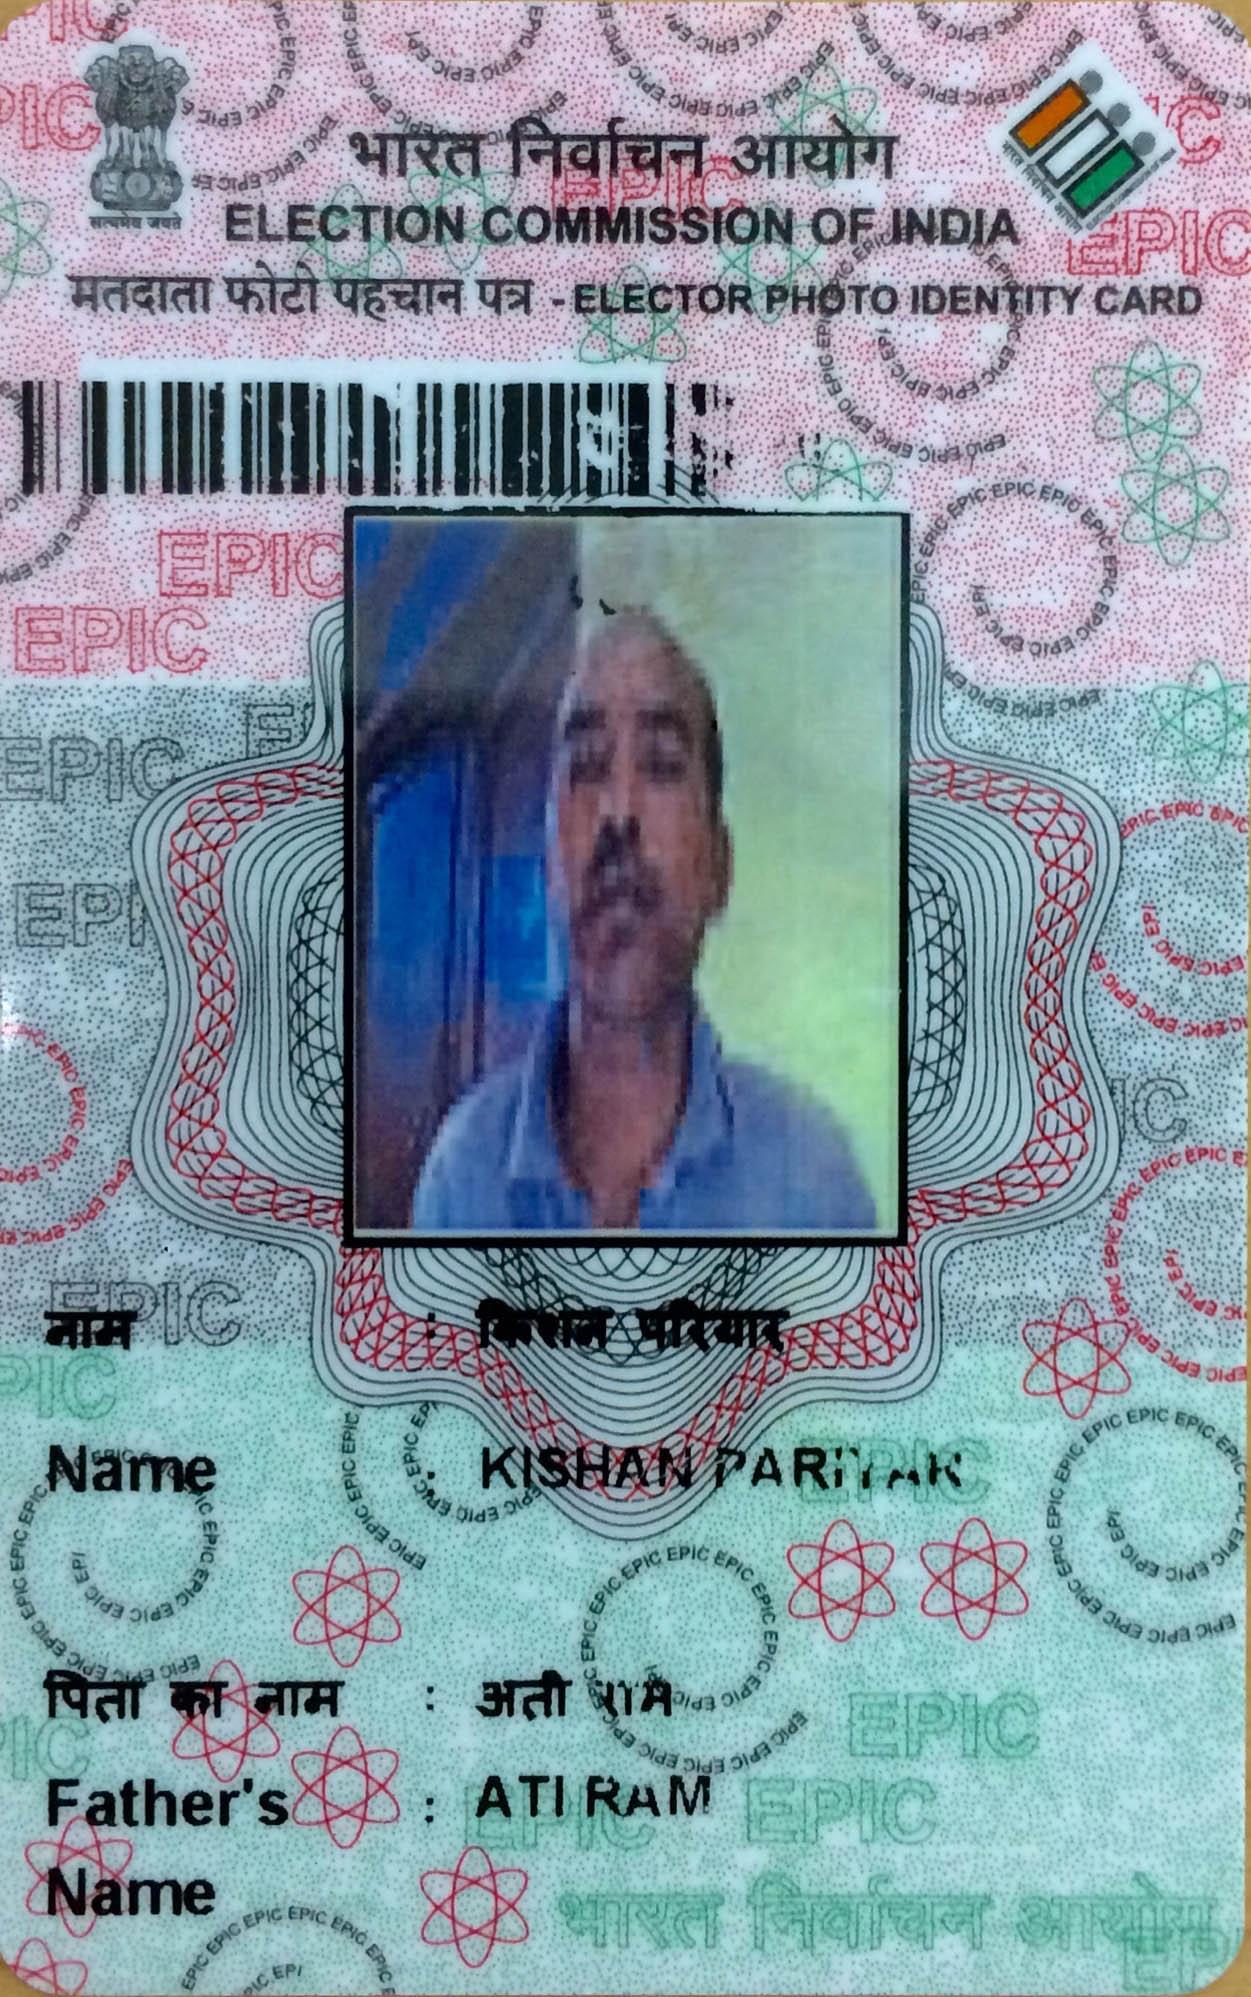 Kishan Parivar